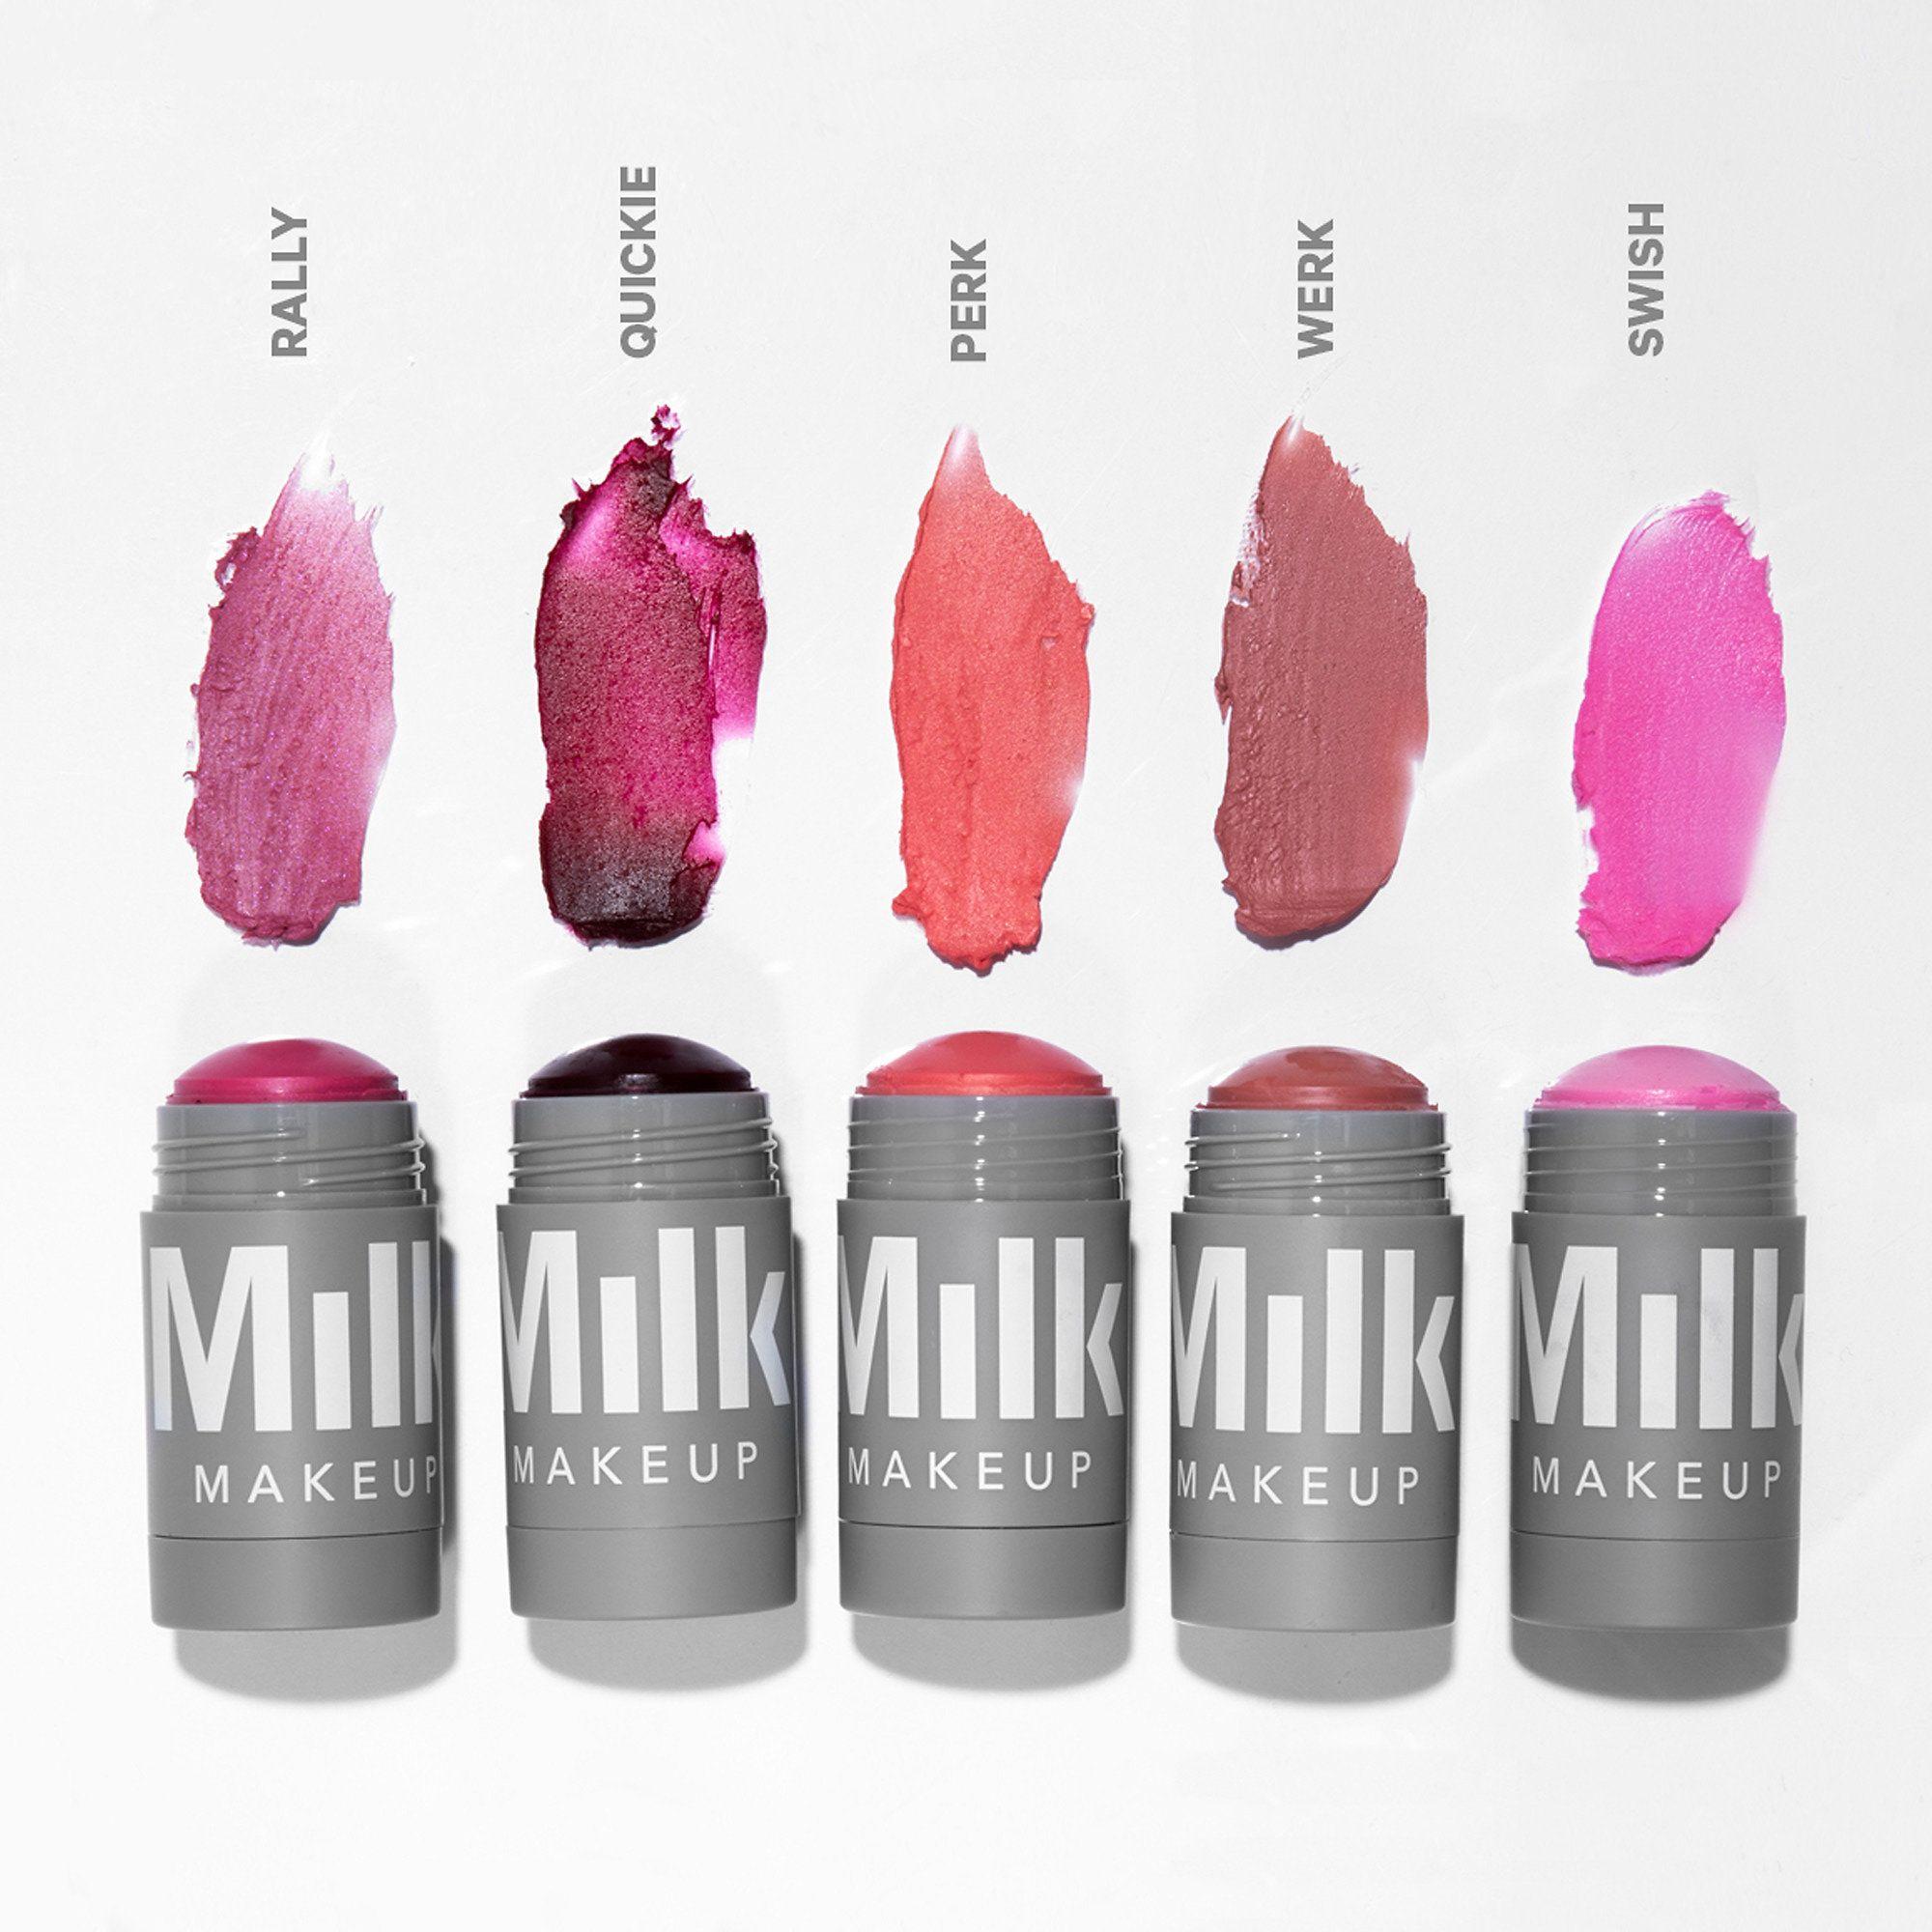 Lip + Cheek MILK MAKEUP Sephora in 2020 Milk makeup